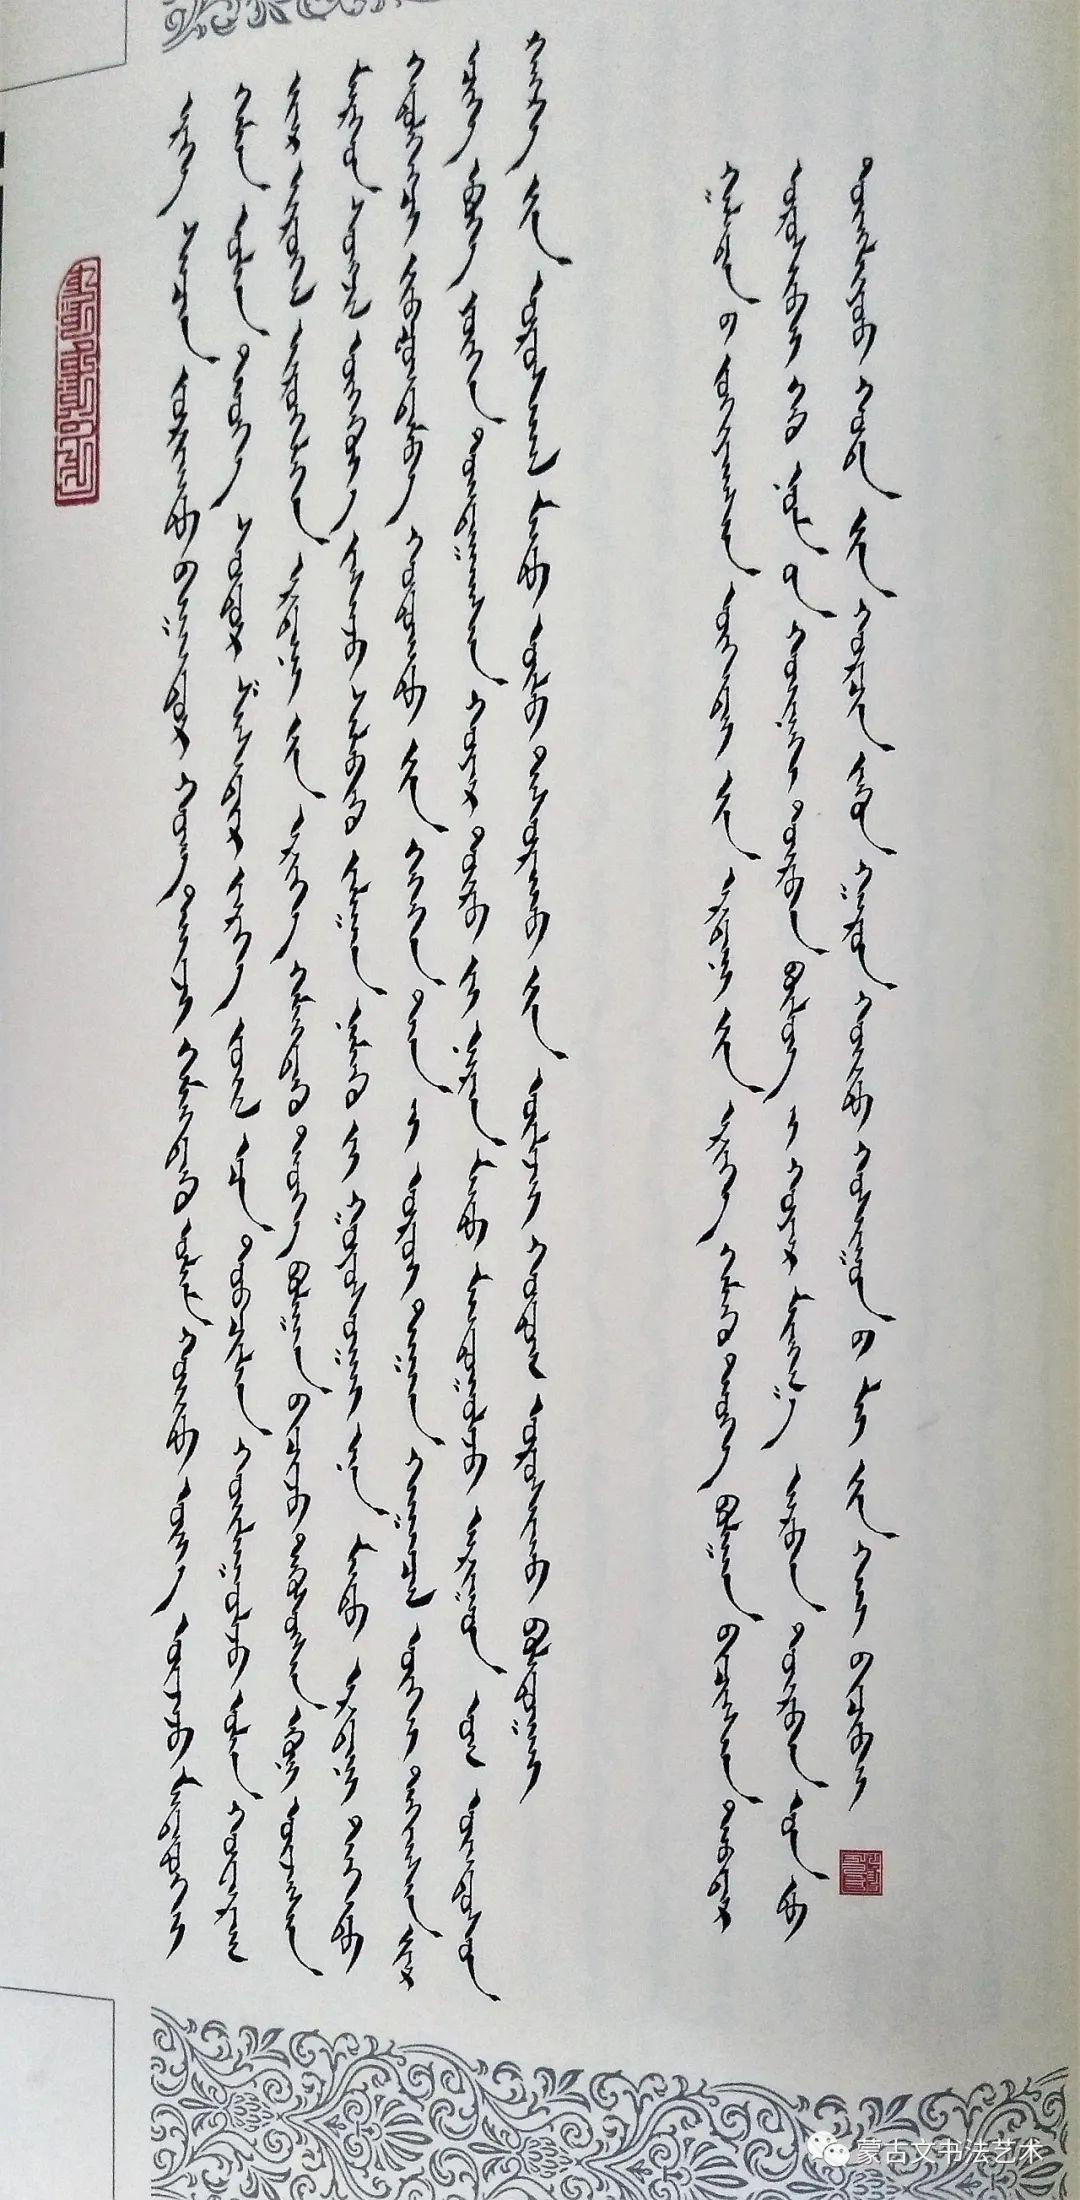 蒙古文经典文献当代书法名家手抄本之李金海《窝阔台之宝鬘》 第13张